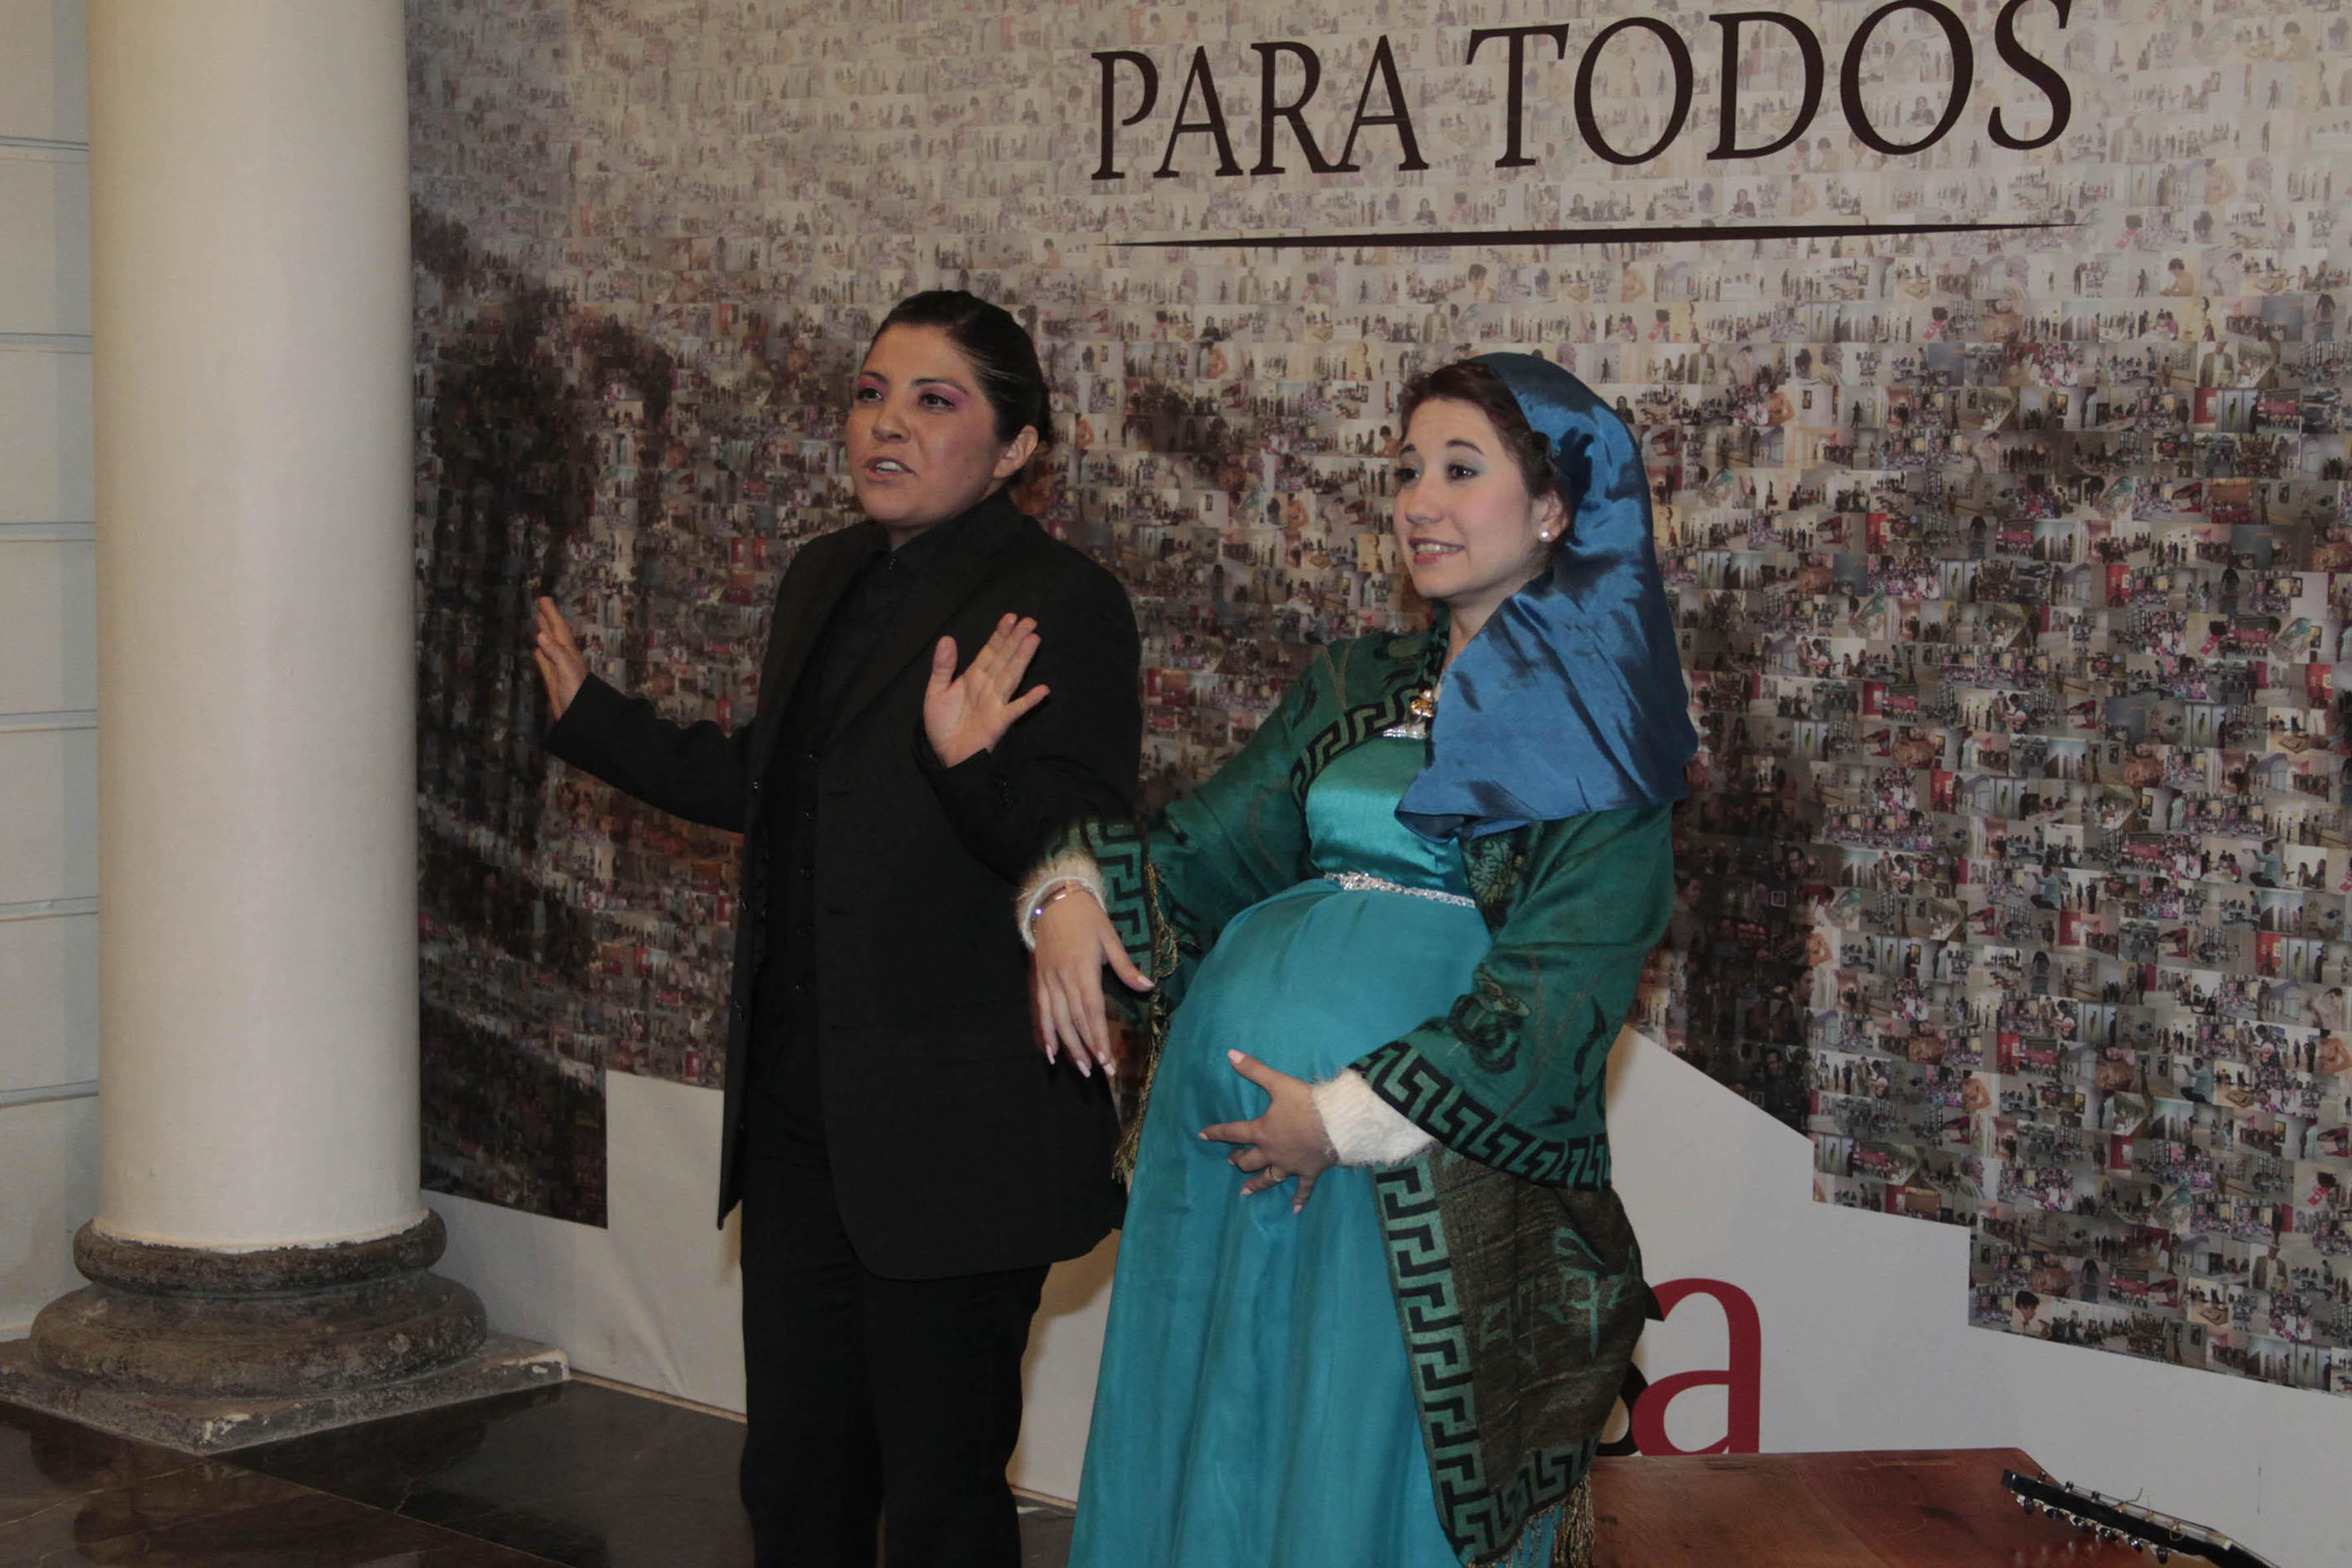 Cuenta Cuentos Isabel Cuevas y personaje del cuento participando en las Narrativas Nocturnas